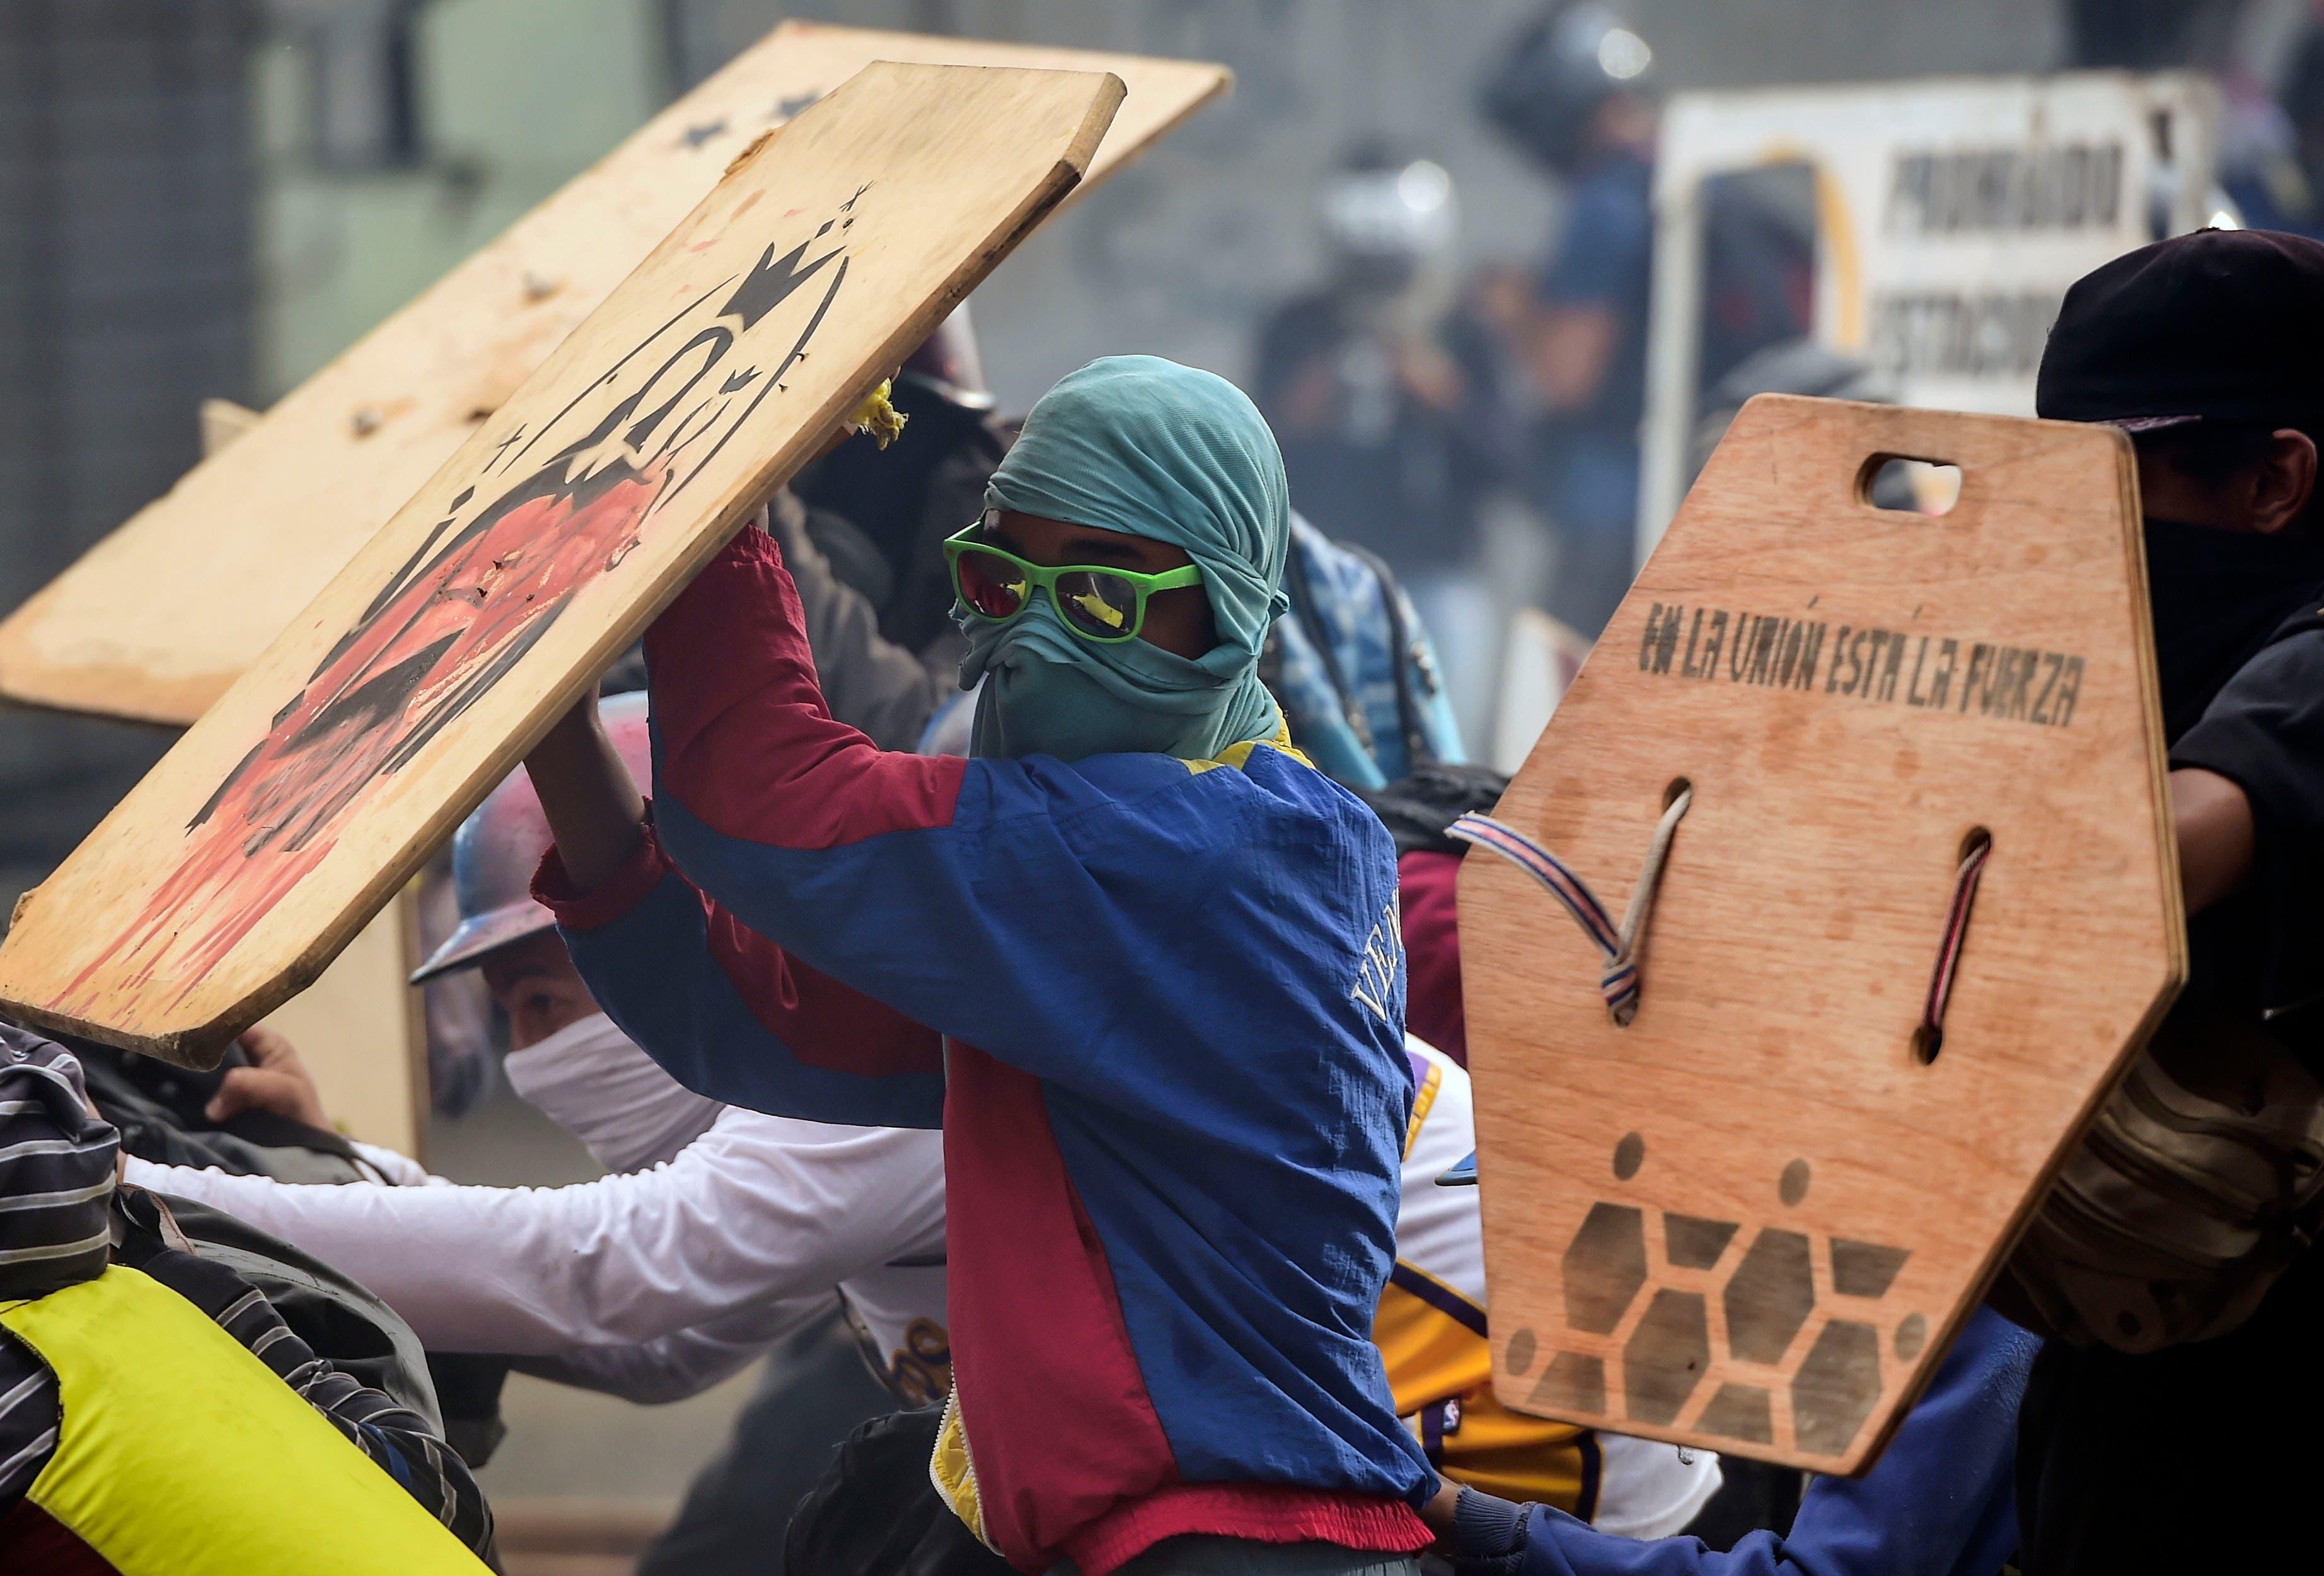 La tensión sube en Venezuela en víspera de una polémica elección